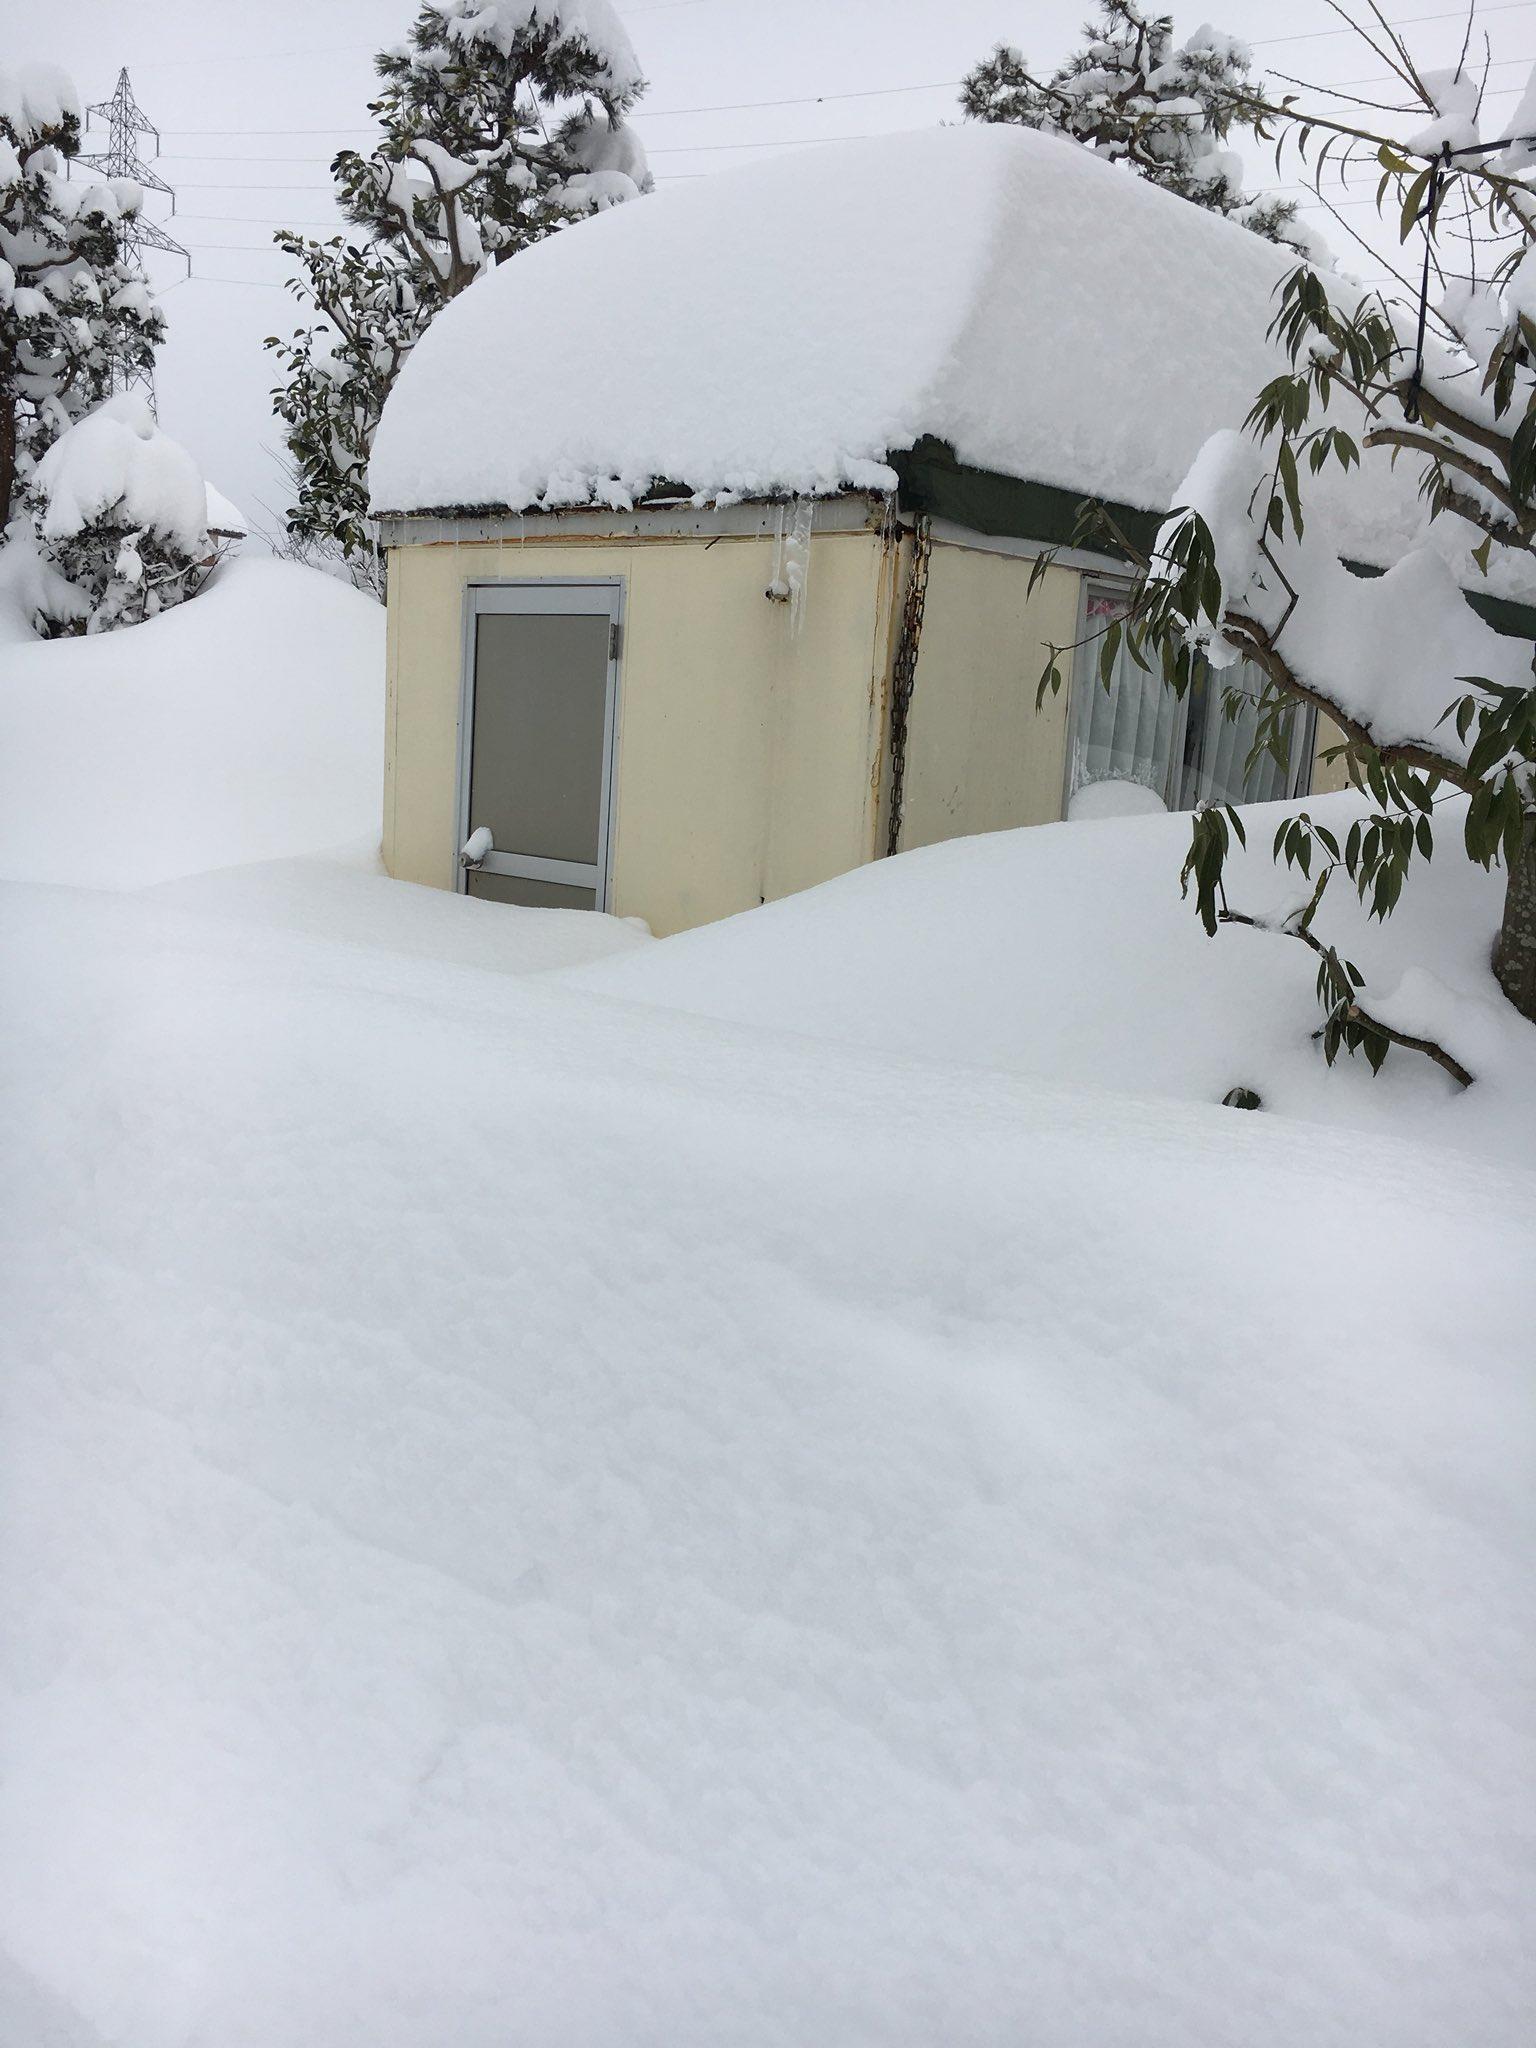 画像 雪積もりすぎ122cmの積雪 福井大雪 Httpstcocy0ja2y468